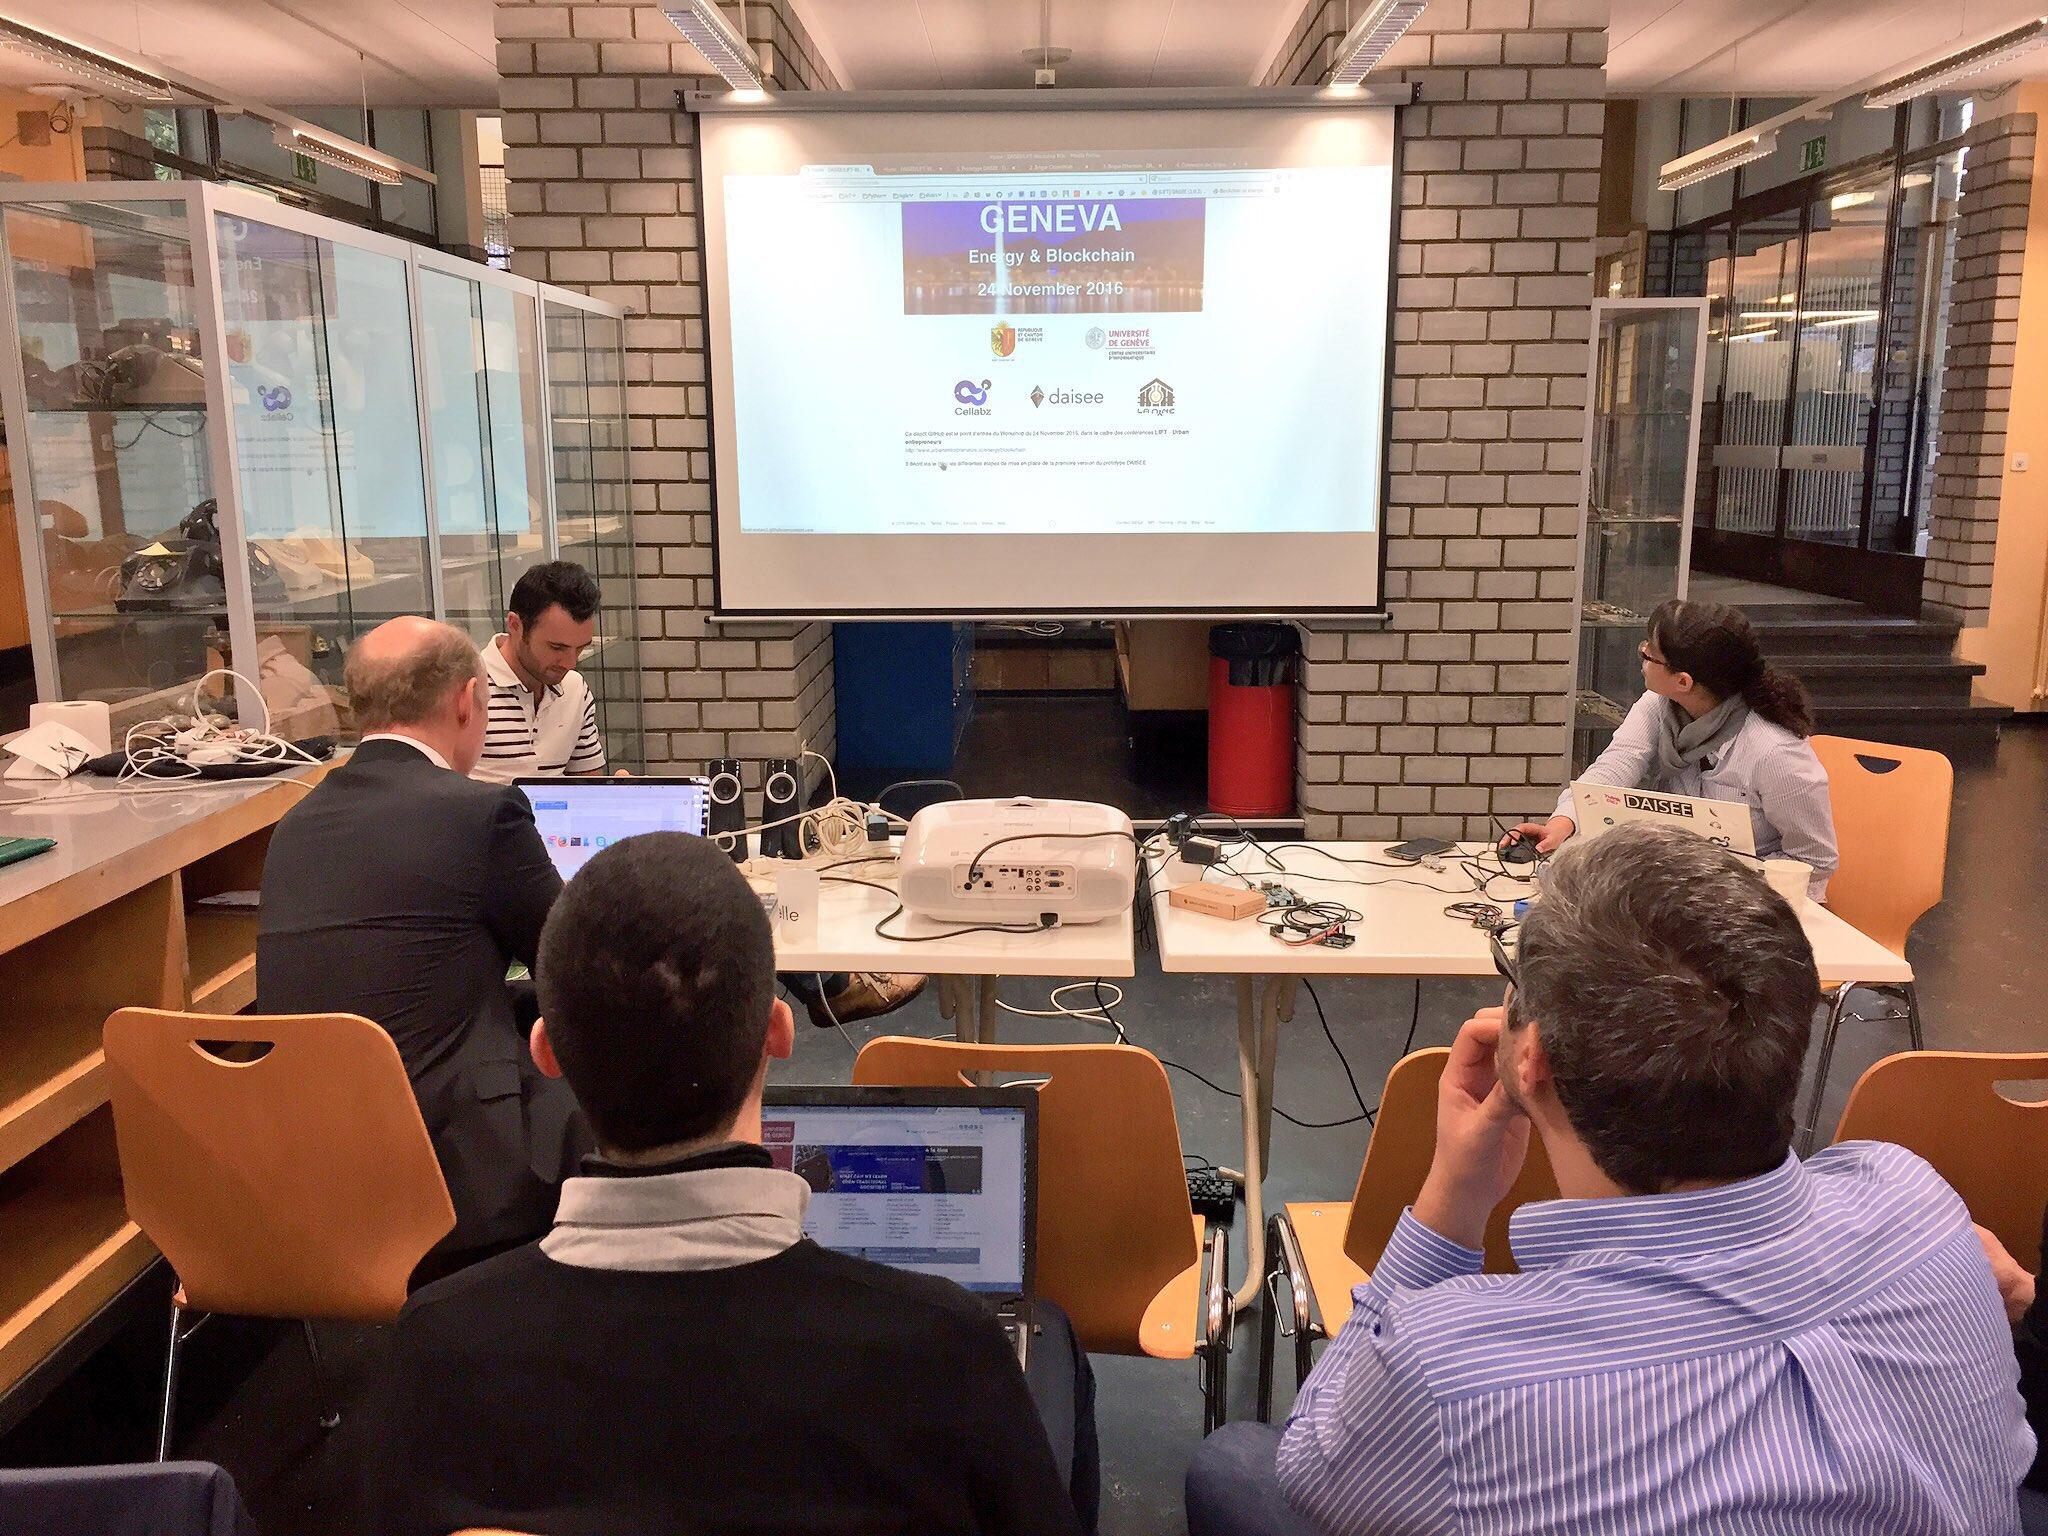 [Pic] #UrbanEntrepreneurs Après le retour d'expérience de @ryu5t, @SamR1 présente en détail le prototype de @CallMeDaisee. https://t.co/GfQeWPjdFA